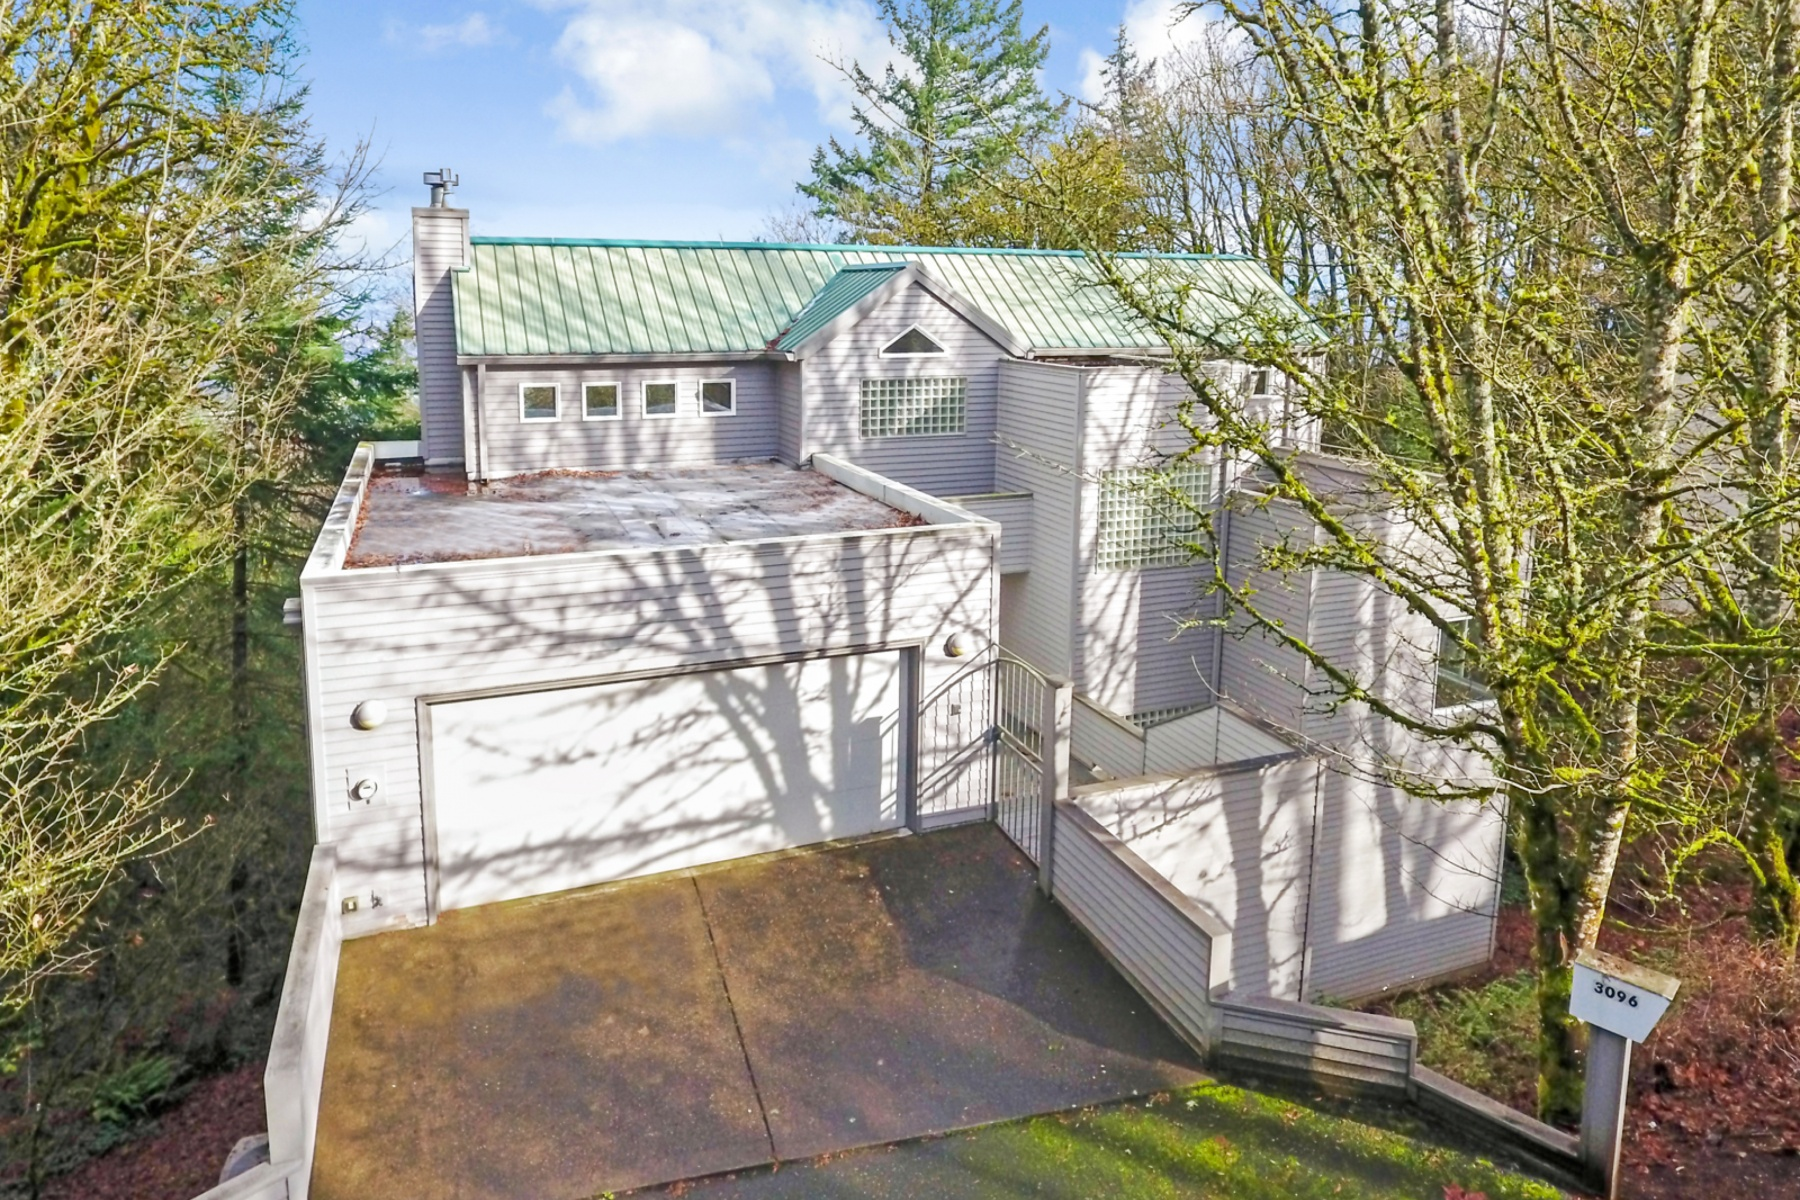 独户住宅 为 销售 在 3096 SW FAIRMOUNT BLVD, PORTLAND 波特兰, 俄勒冈州, 97239 美国